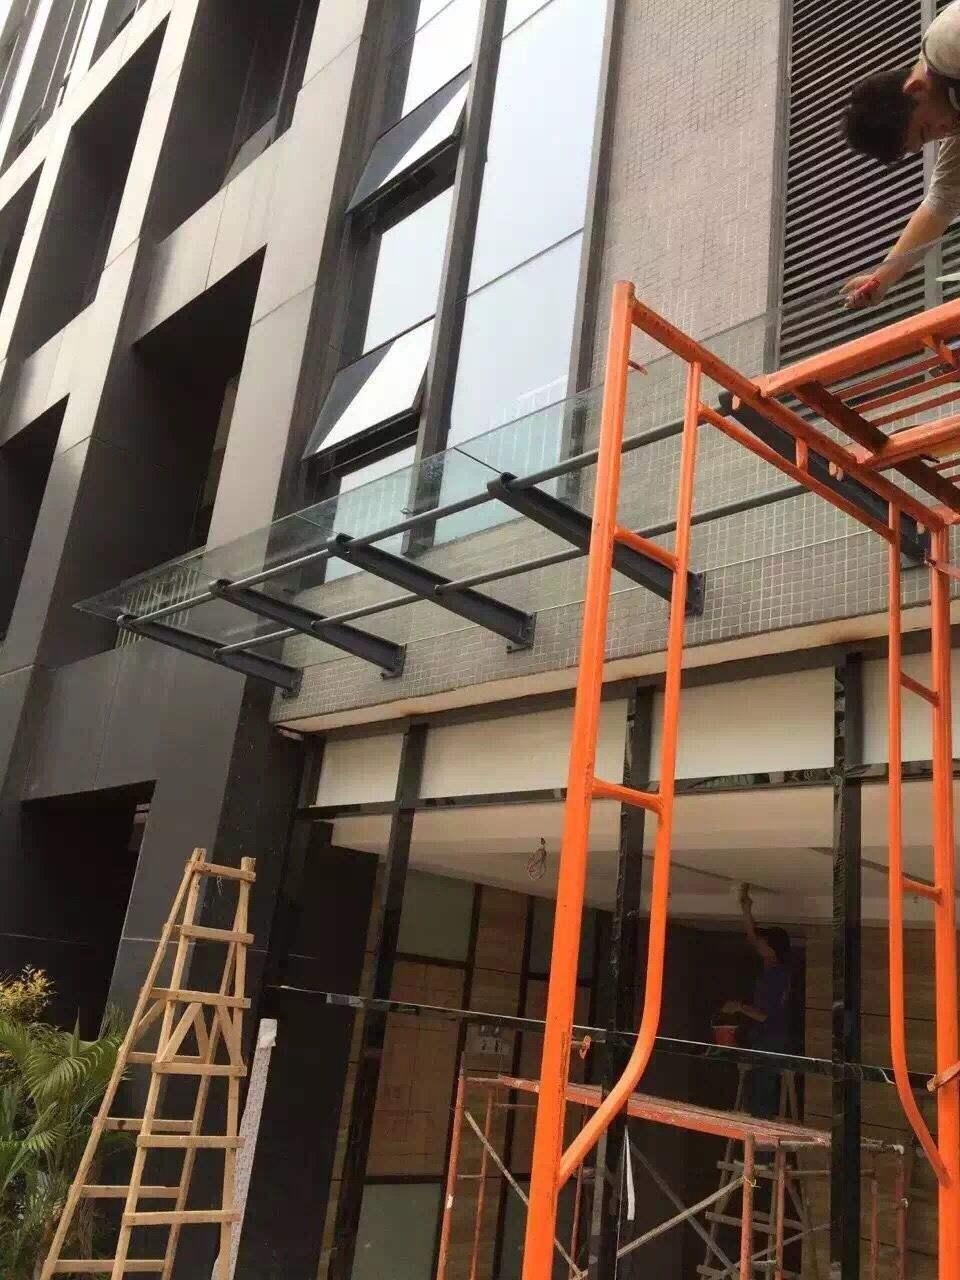 佛山瞻高幕墙开窗 /幕墙玻璃开启自动窗 /幕墙玻璃开窗改造